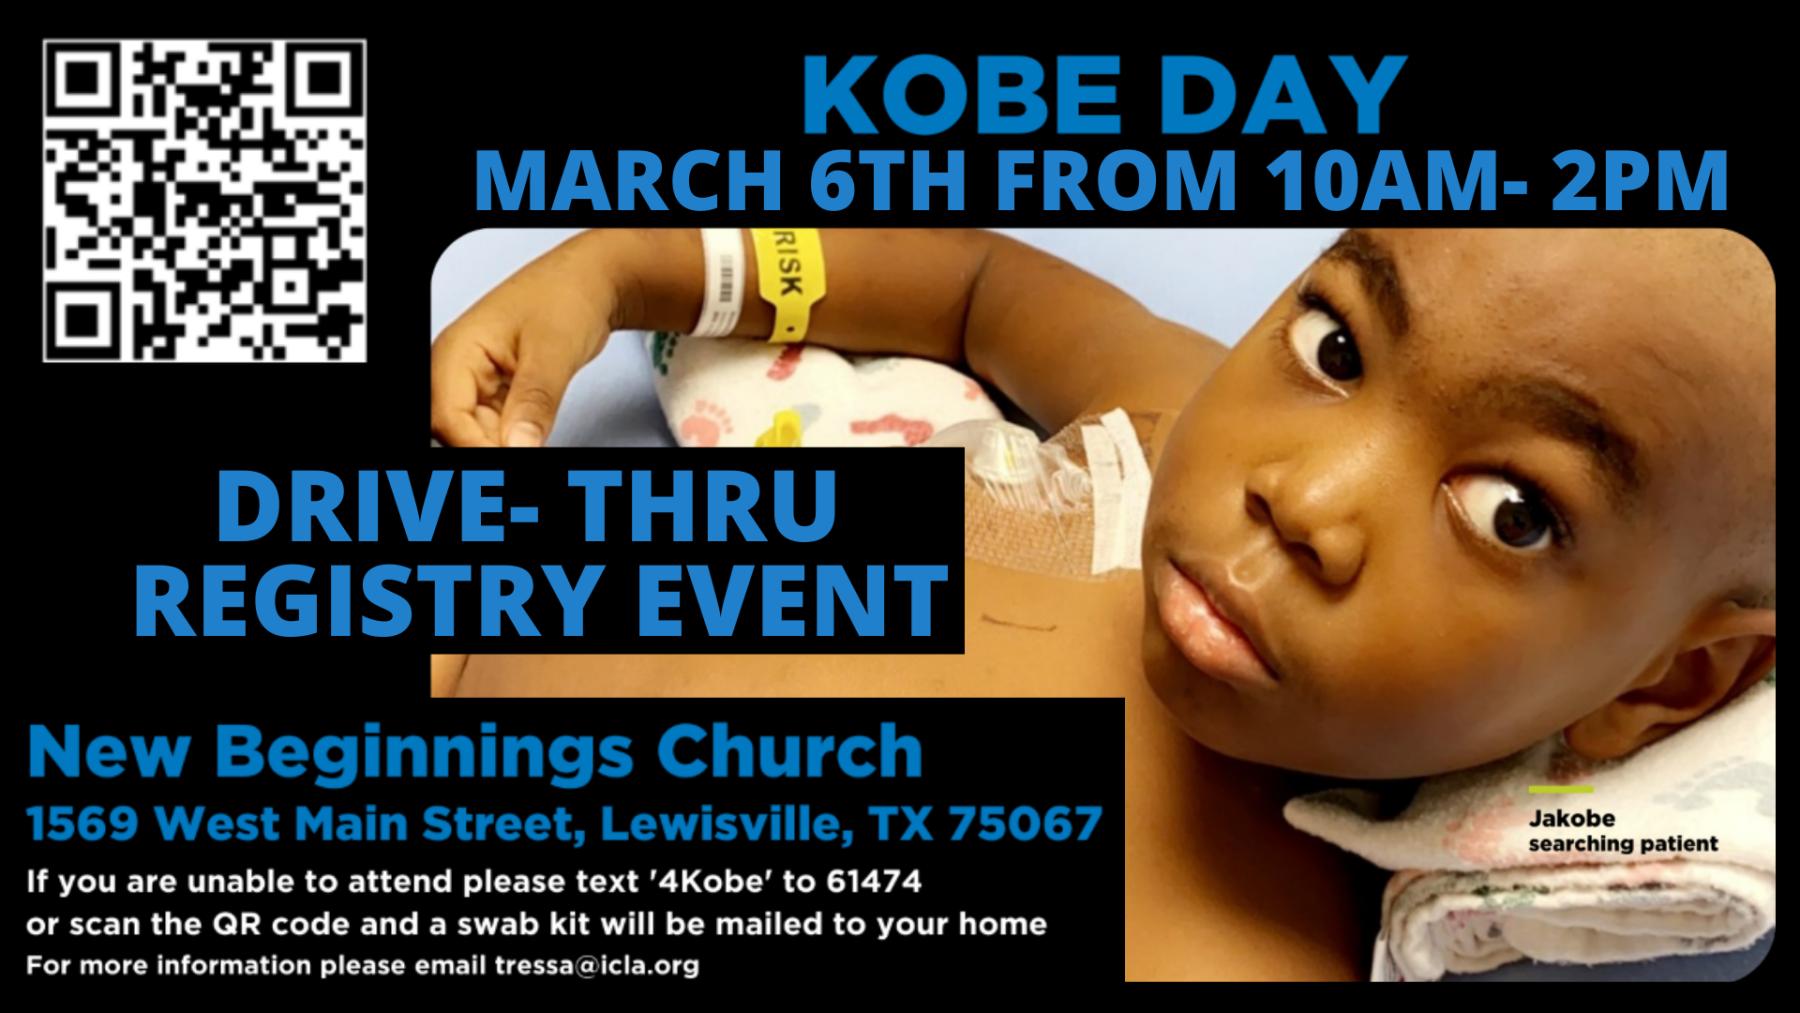 Kobe Day